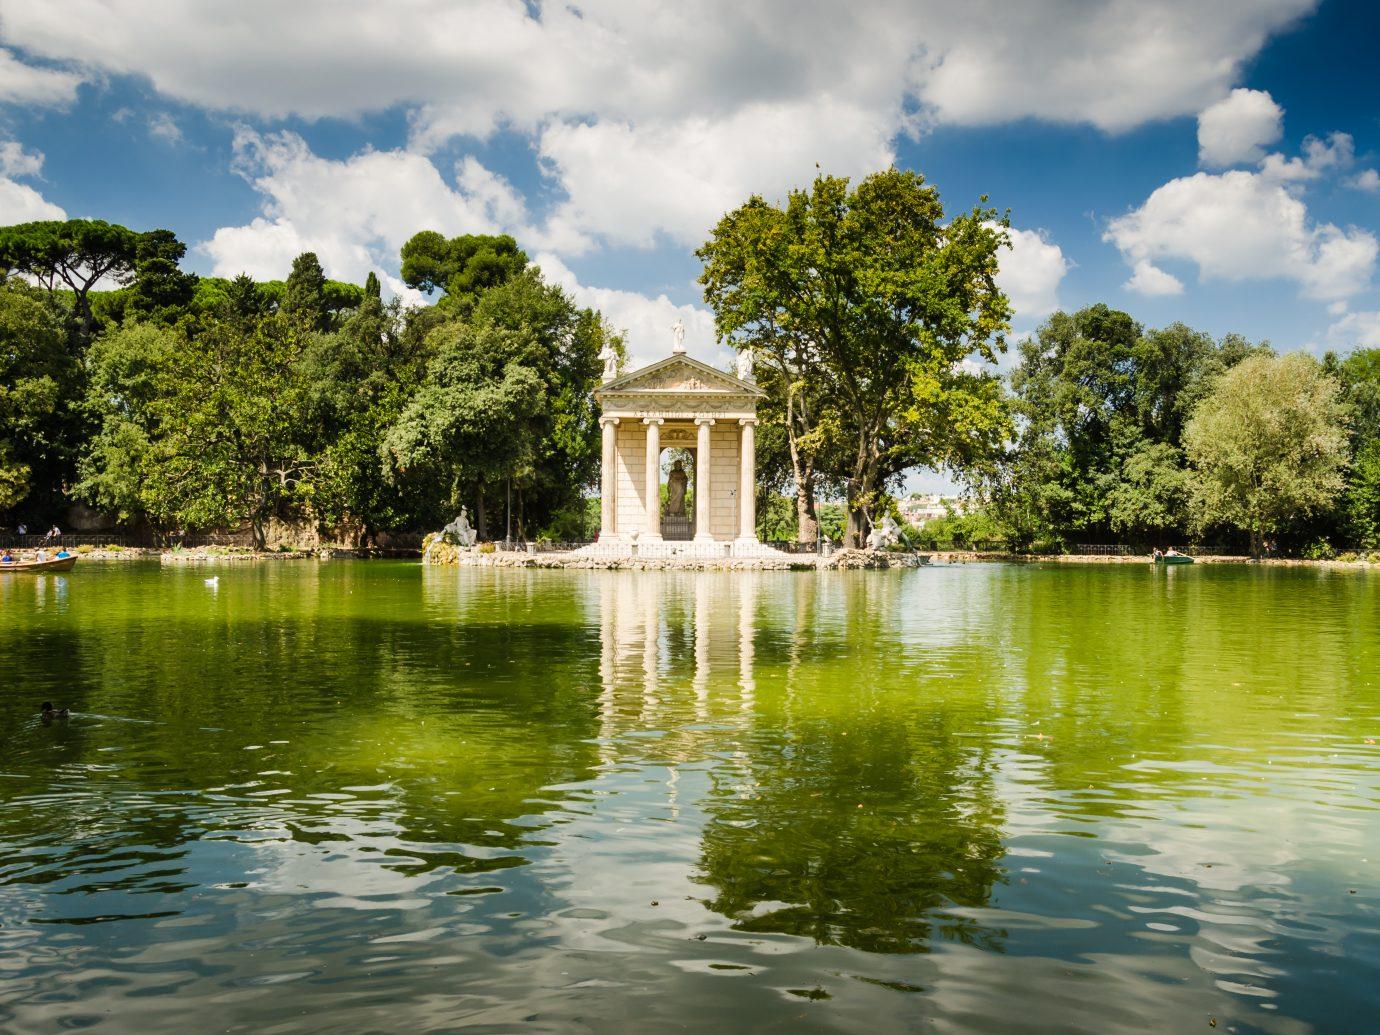 artificial lake on villa borgese garden